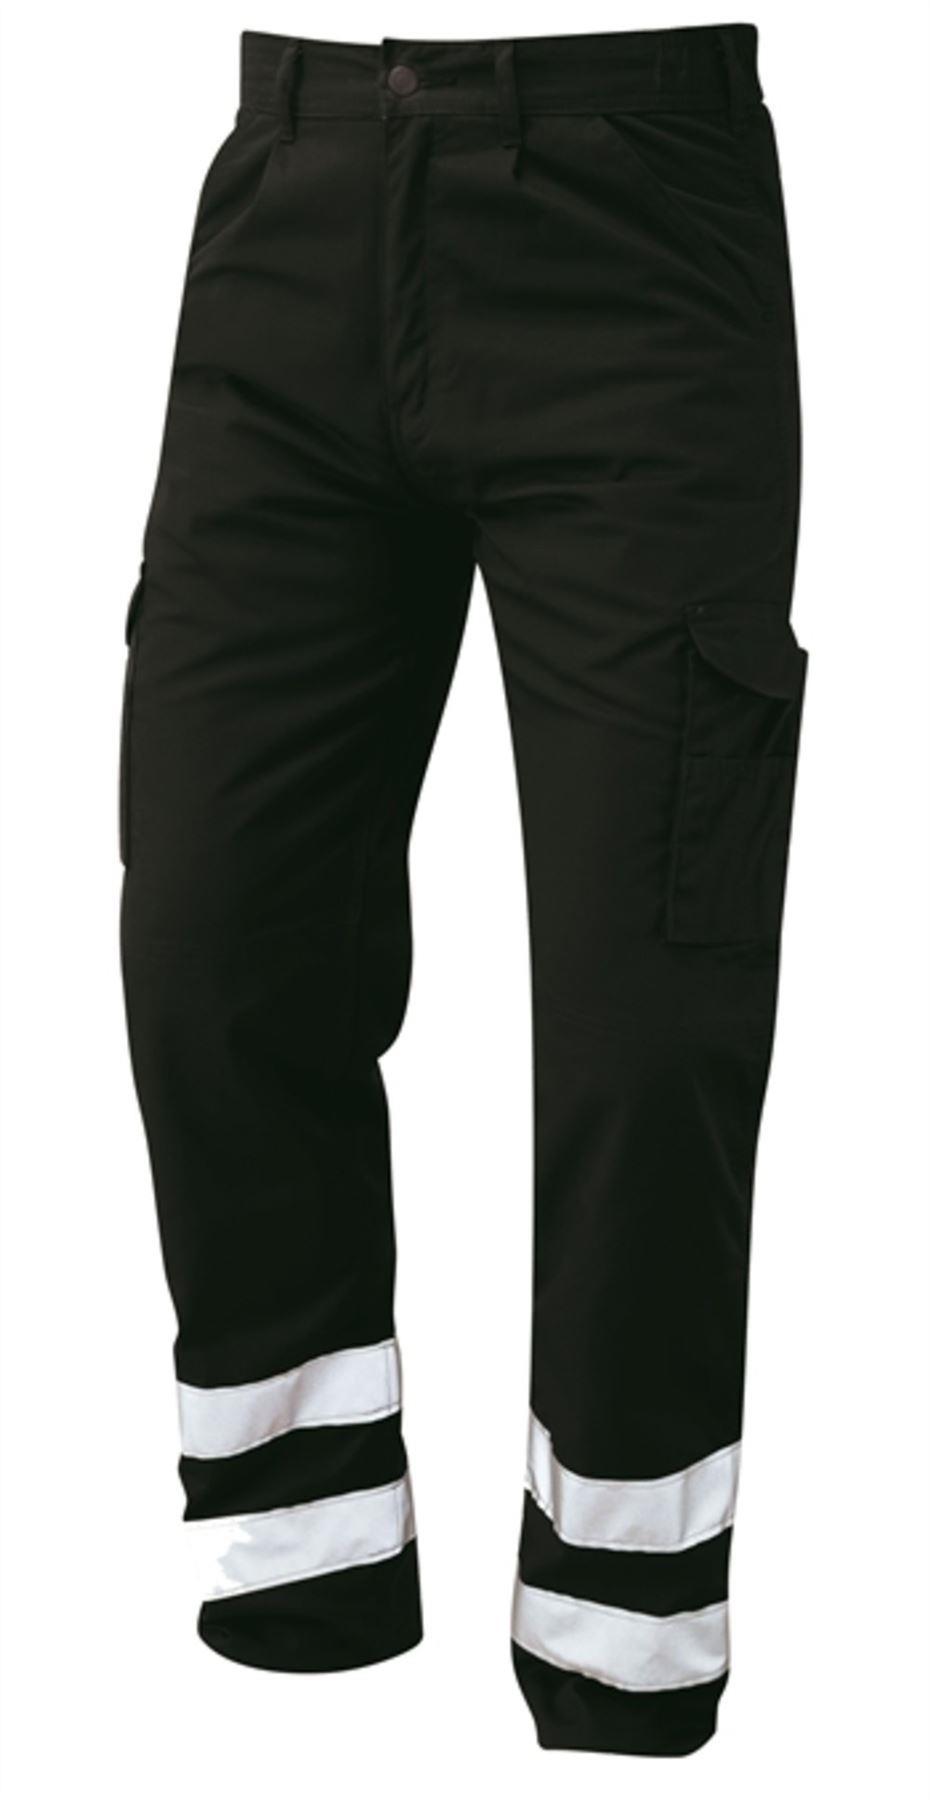 Orn Condor Hi Vis Kneepad Trousers - Black|44W32L